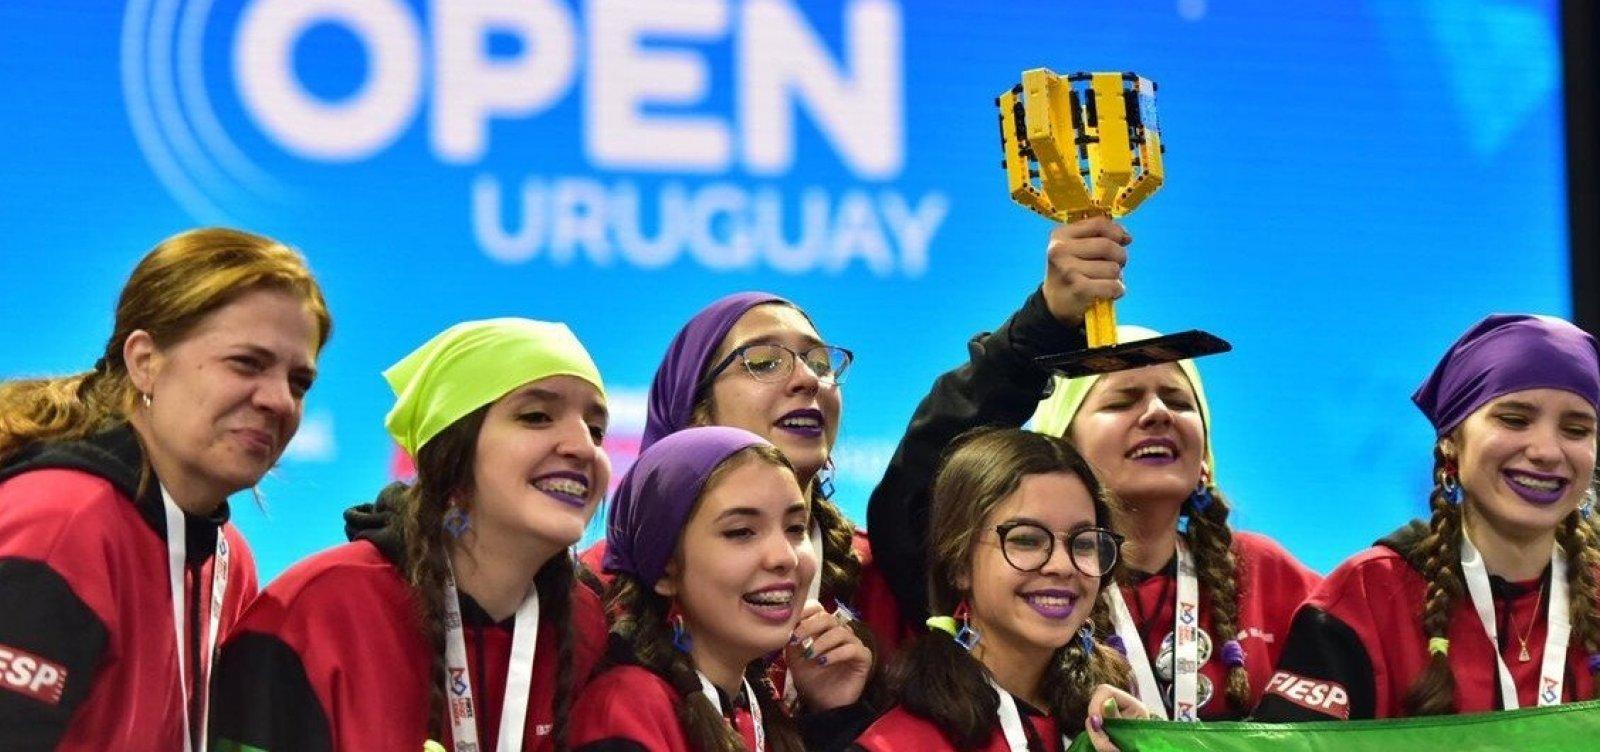 [Brasileiros vencem torneio de robótica no Uruguai]